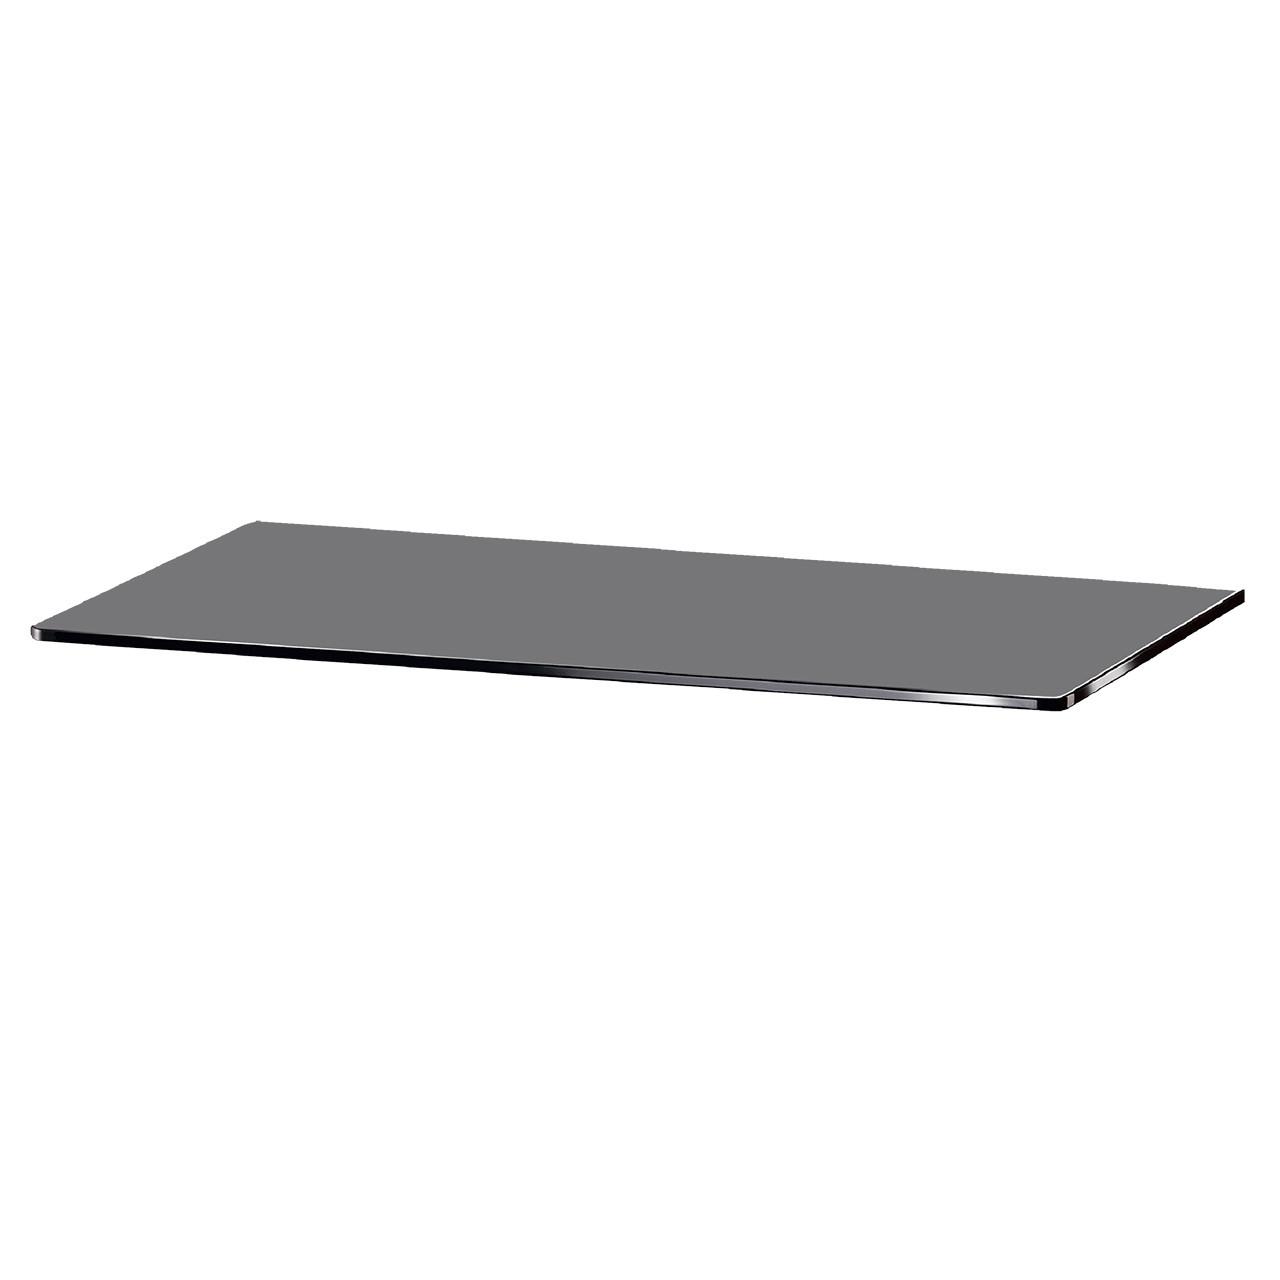 Скляна полиця настінна прямокутна Commus PL15 PG (180х600х6мм)